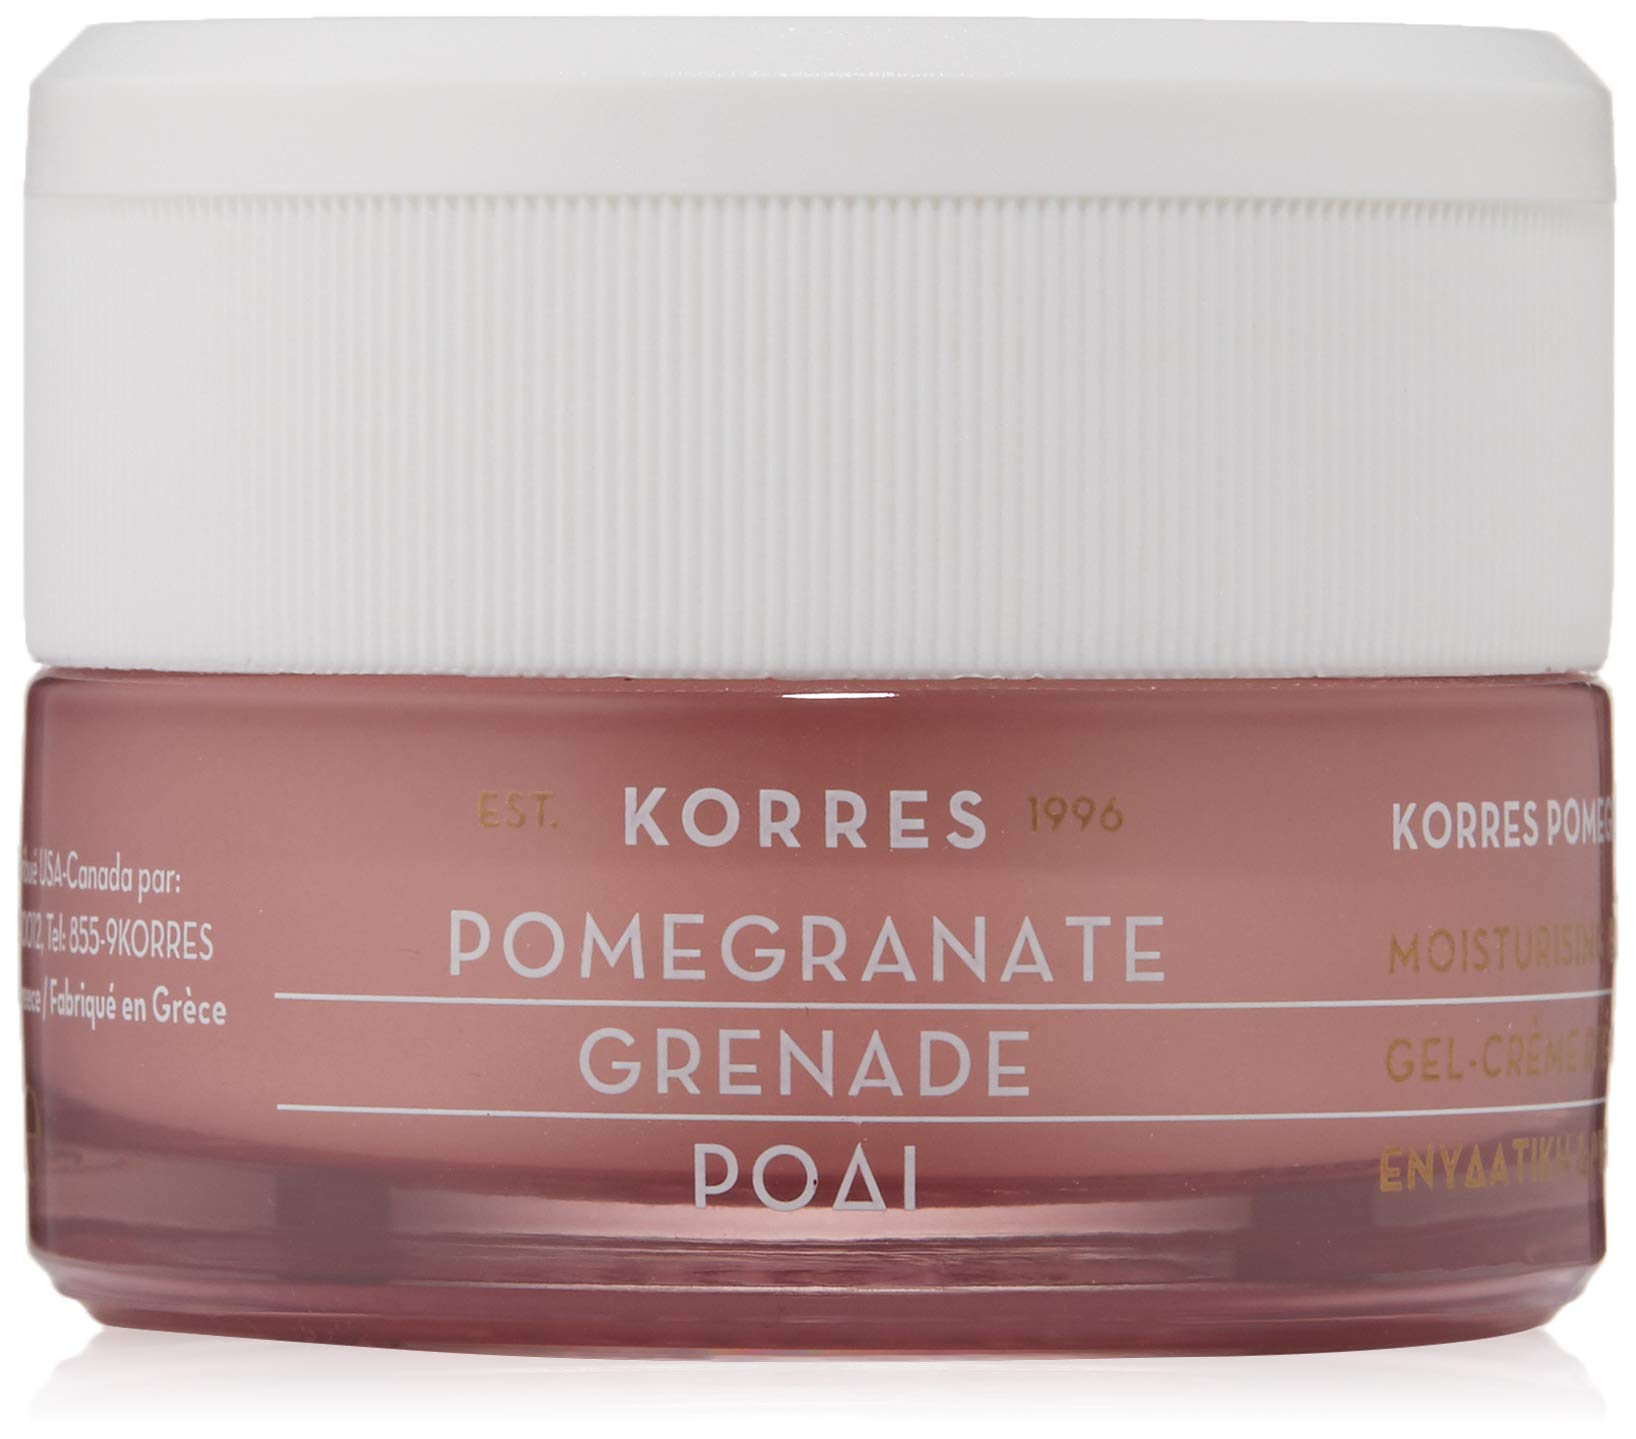 Greek Yoghurt Foaming Cream Cleanser by Korres #10